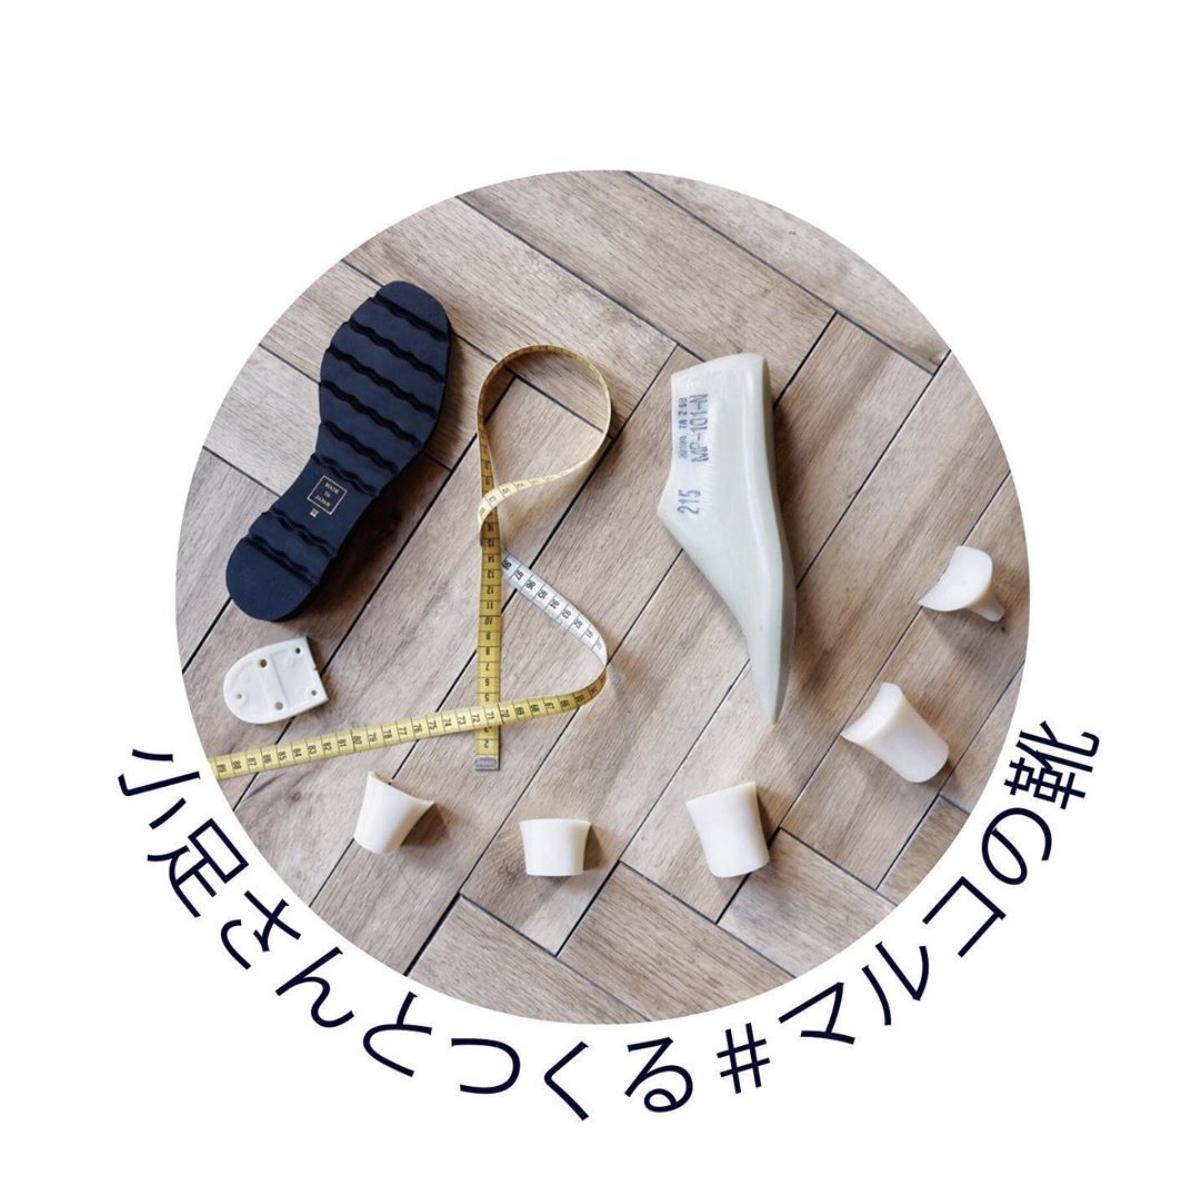 小足さんと作る#マルコの靴 1st meeting【コンセプト編】